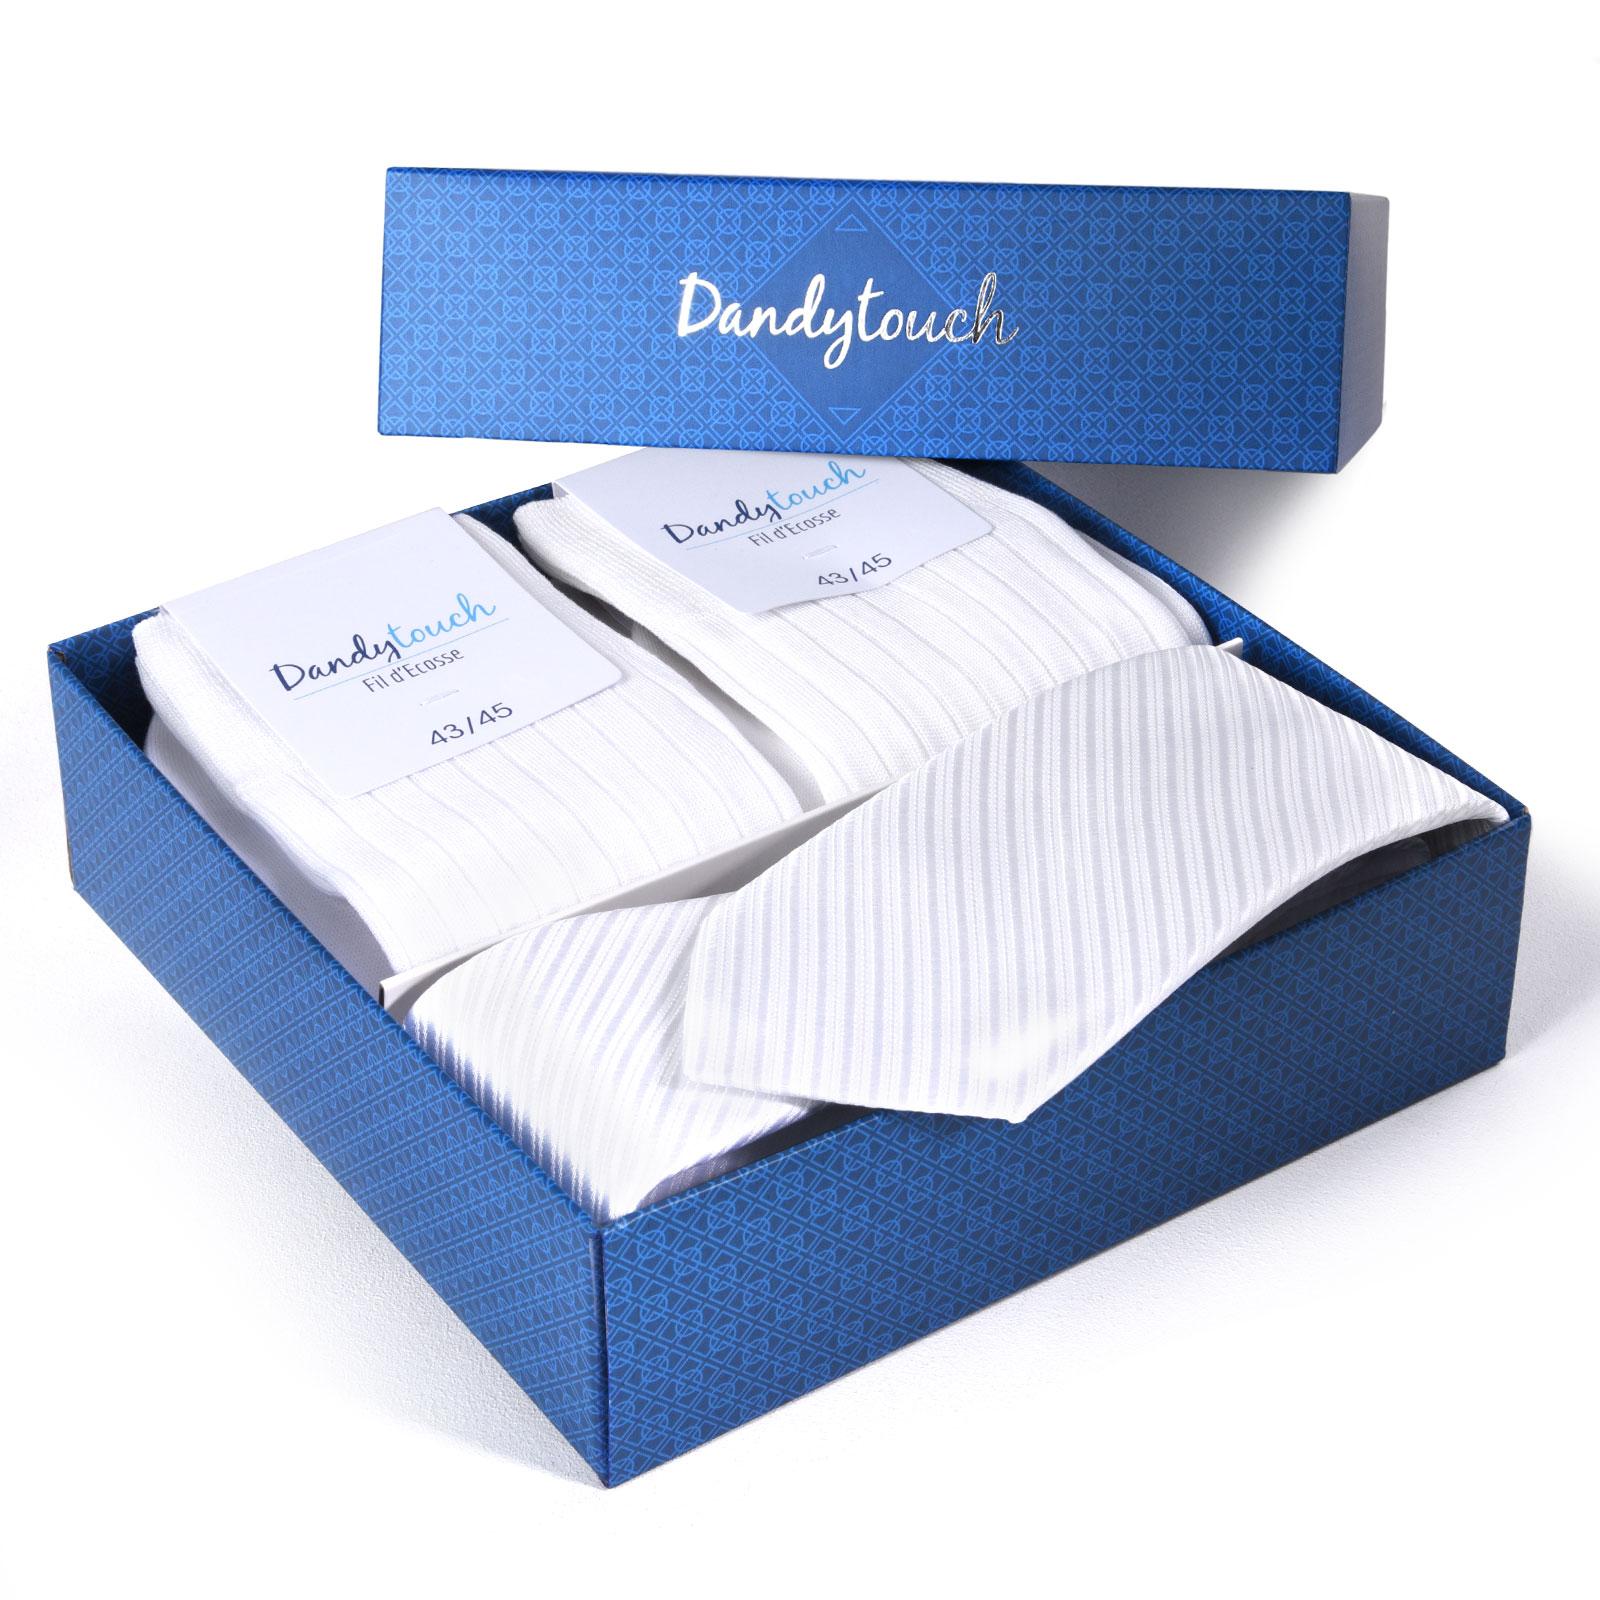 PK-00079-B16-coffret-cadeau-cravate-chaussettes-blanches